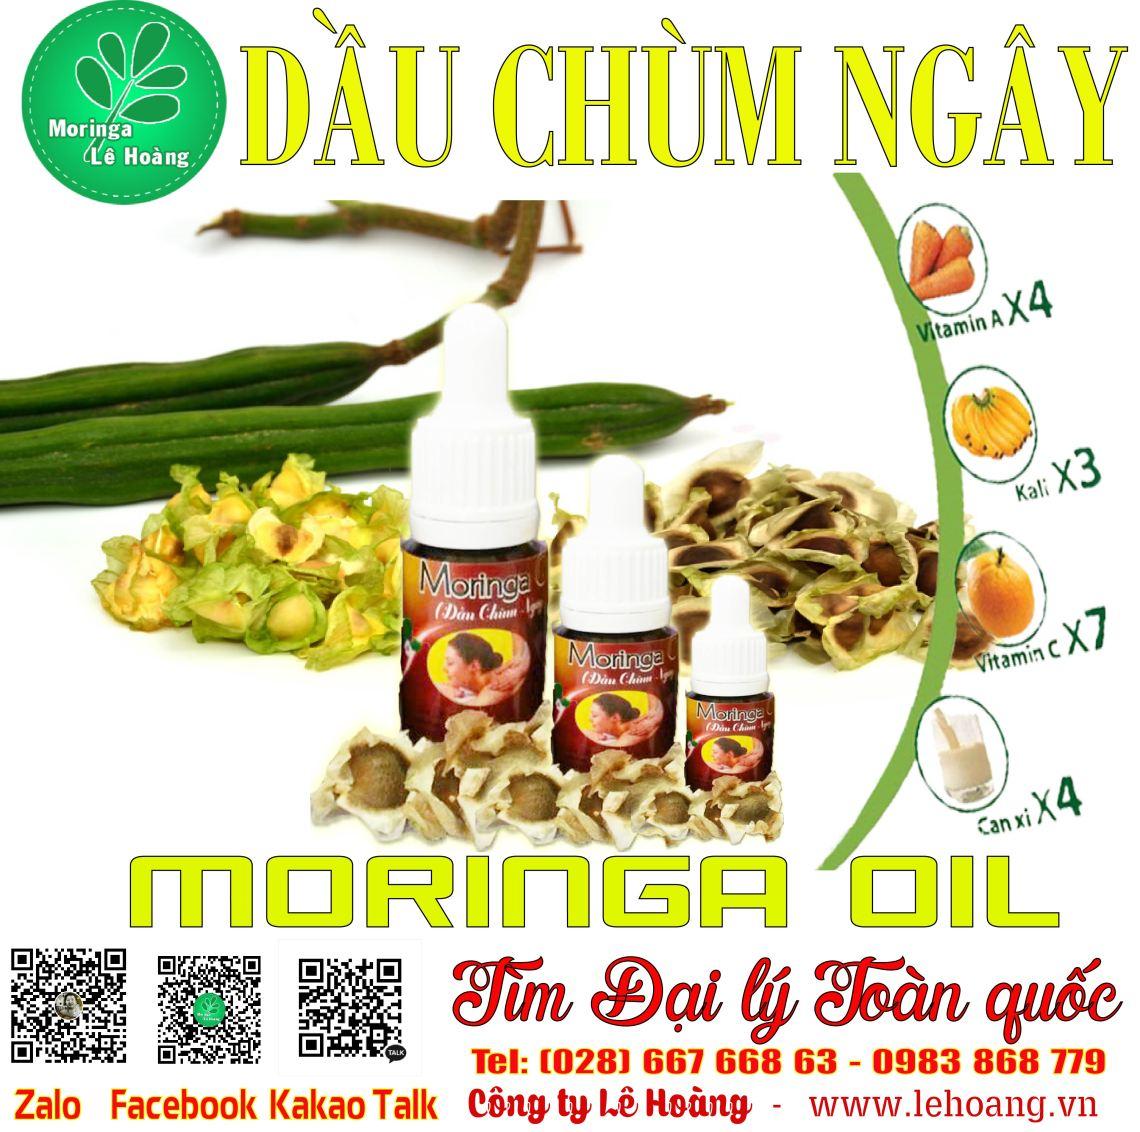 Dầu Chùm ngây (Moringa Oil) nguyên chất 100% - Uy tín hơn 5 năm